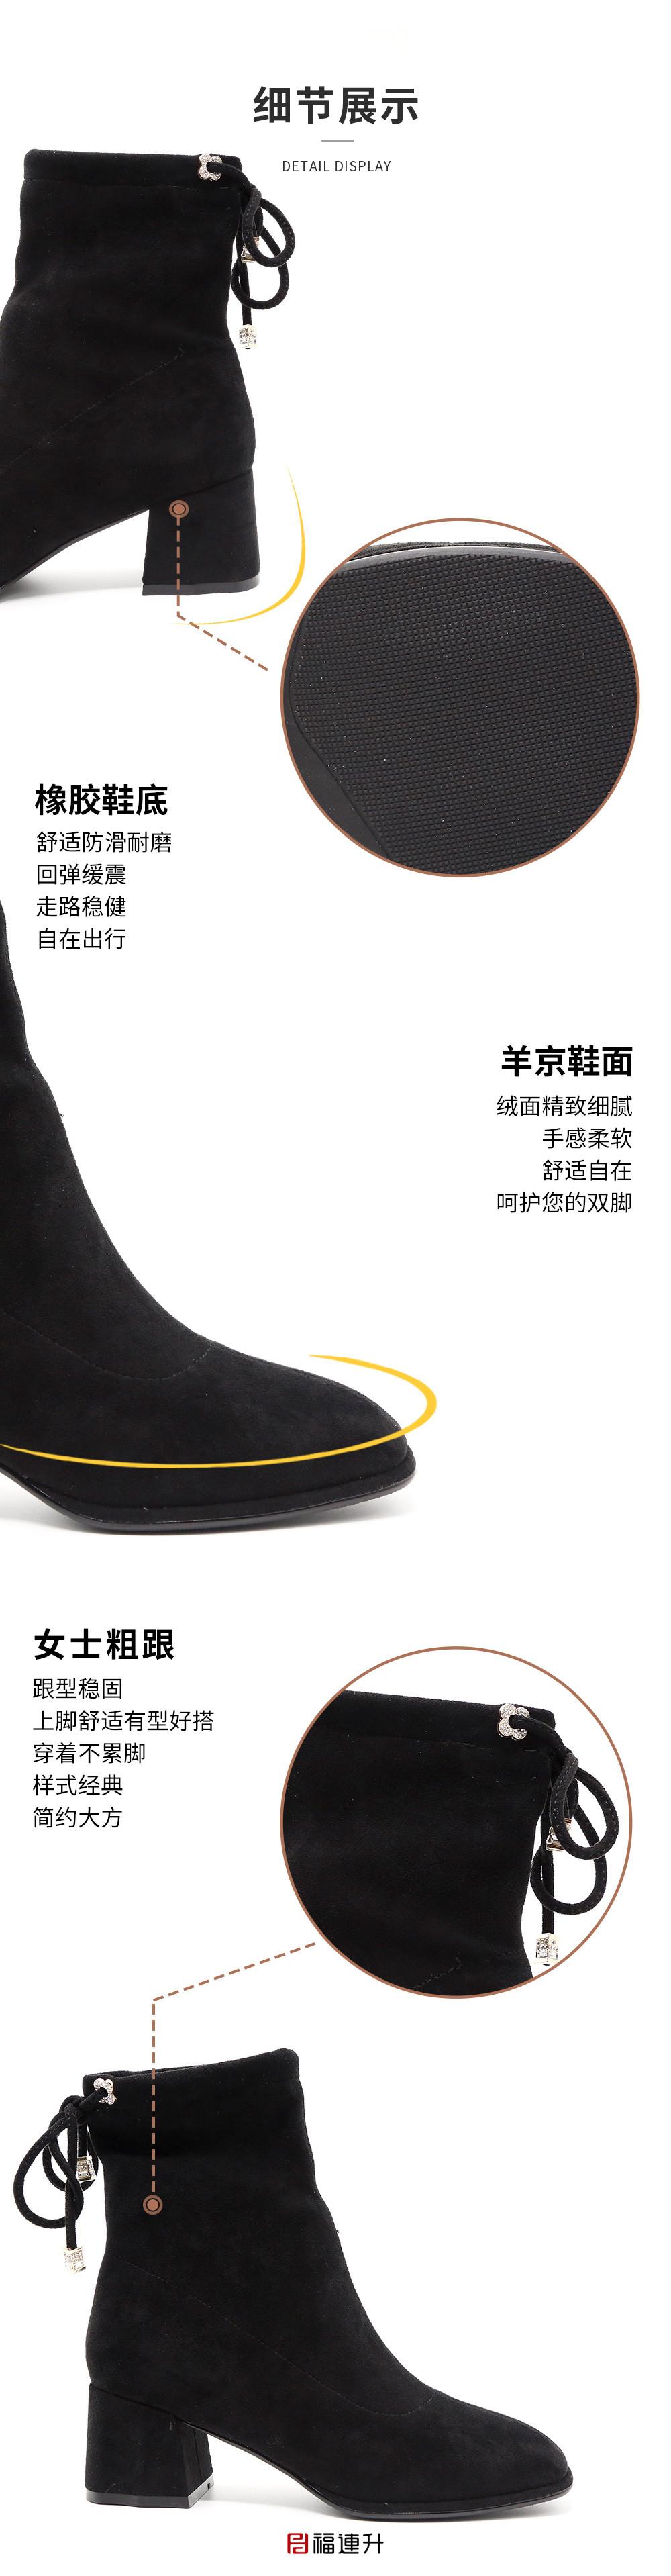 福连升女鞋2020冬季新款短靴女切尔西靴弹力袜靴时装女鞋图片